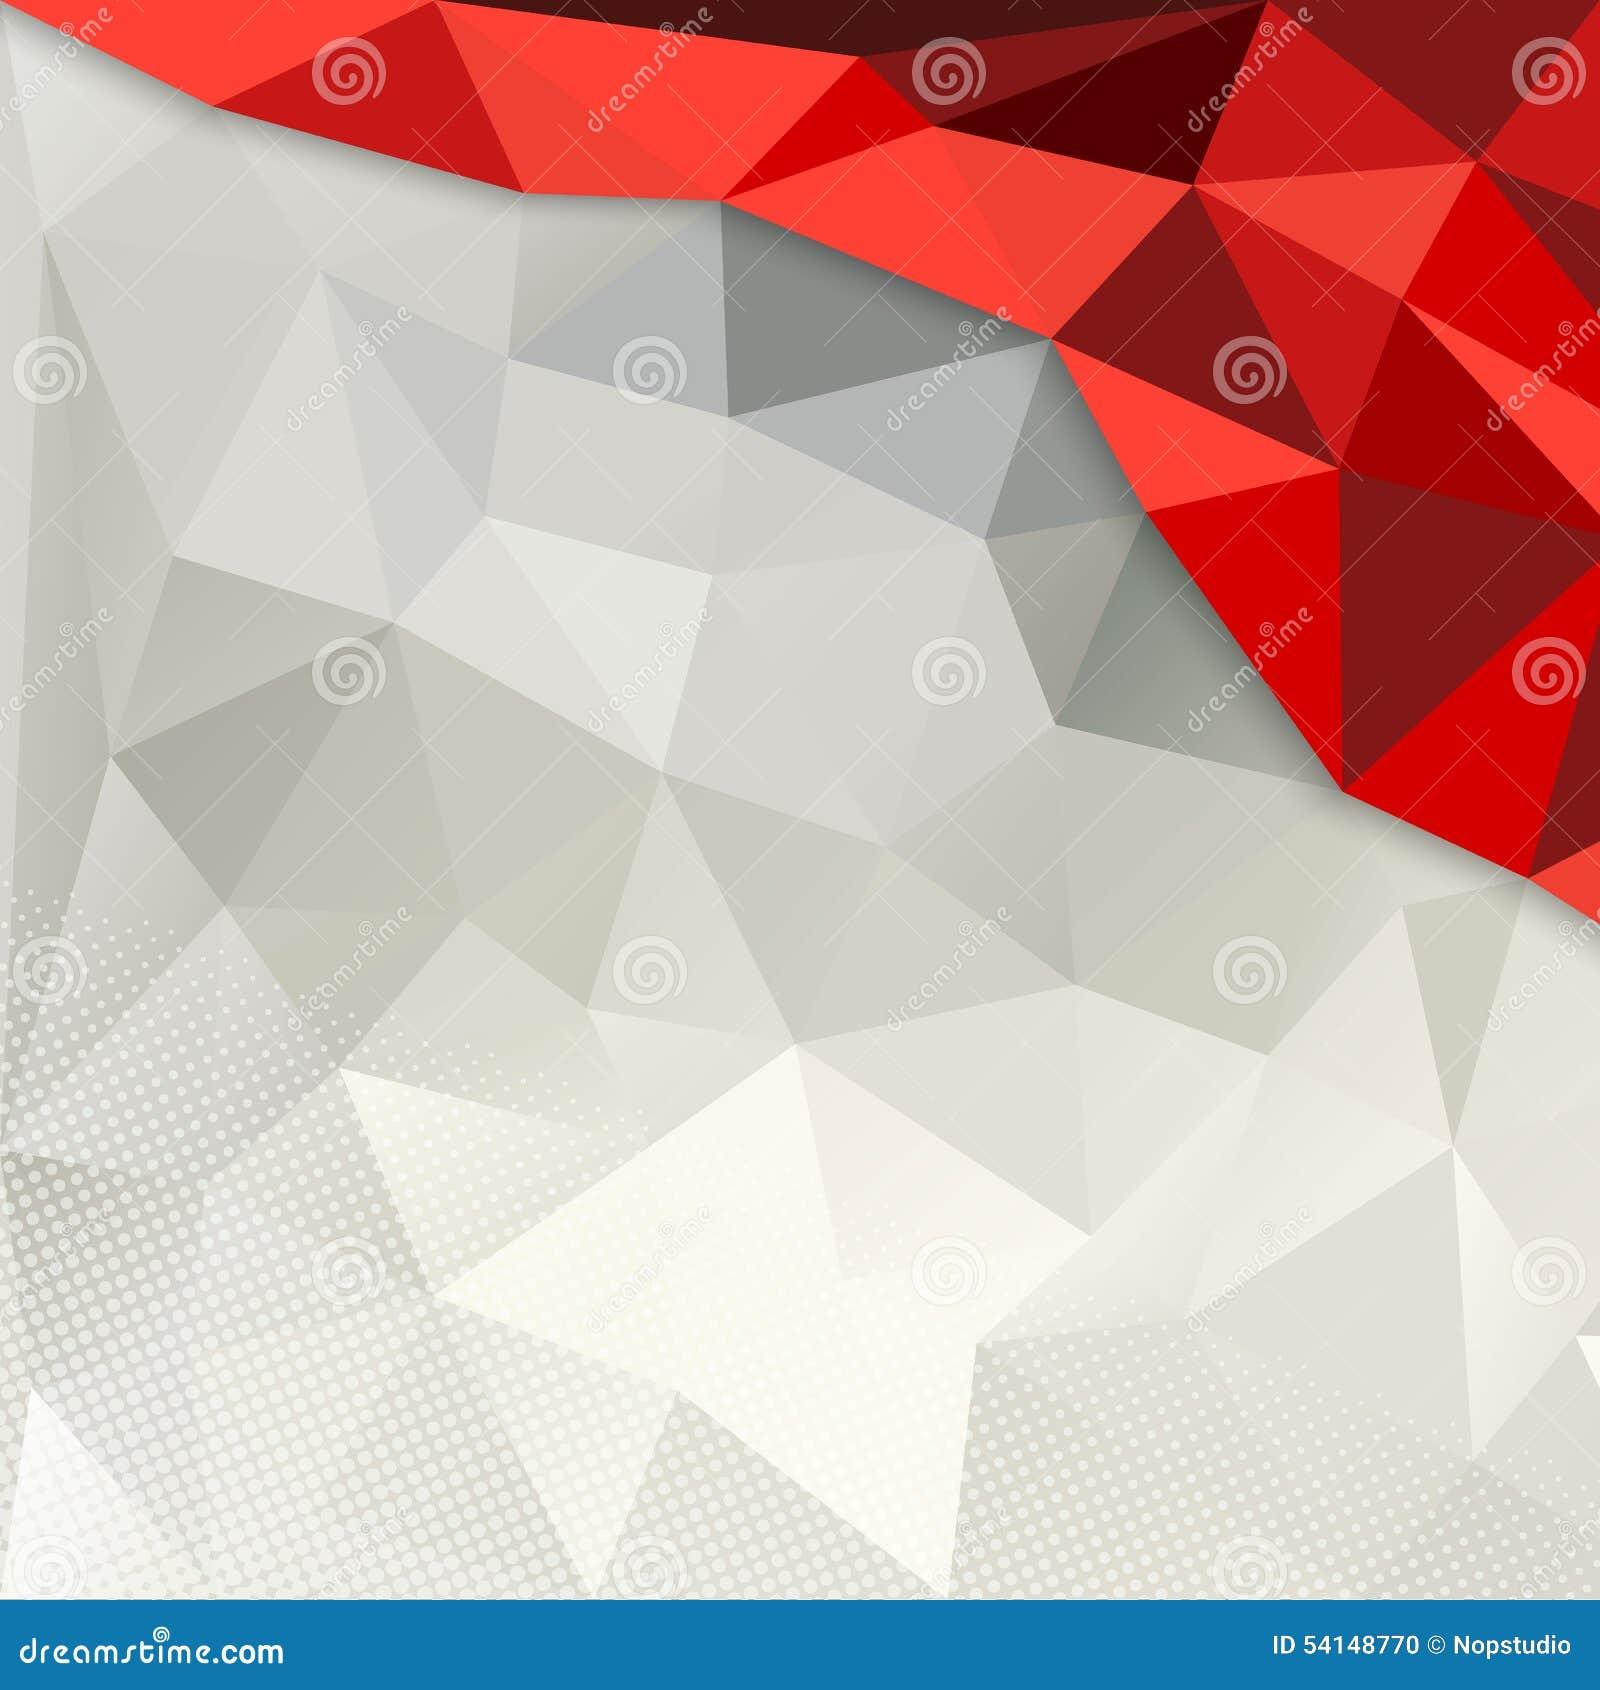 红色和白色多角形背景